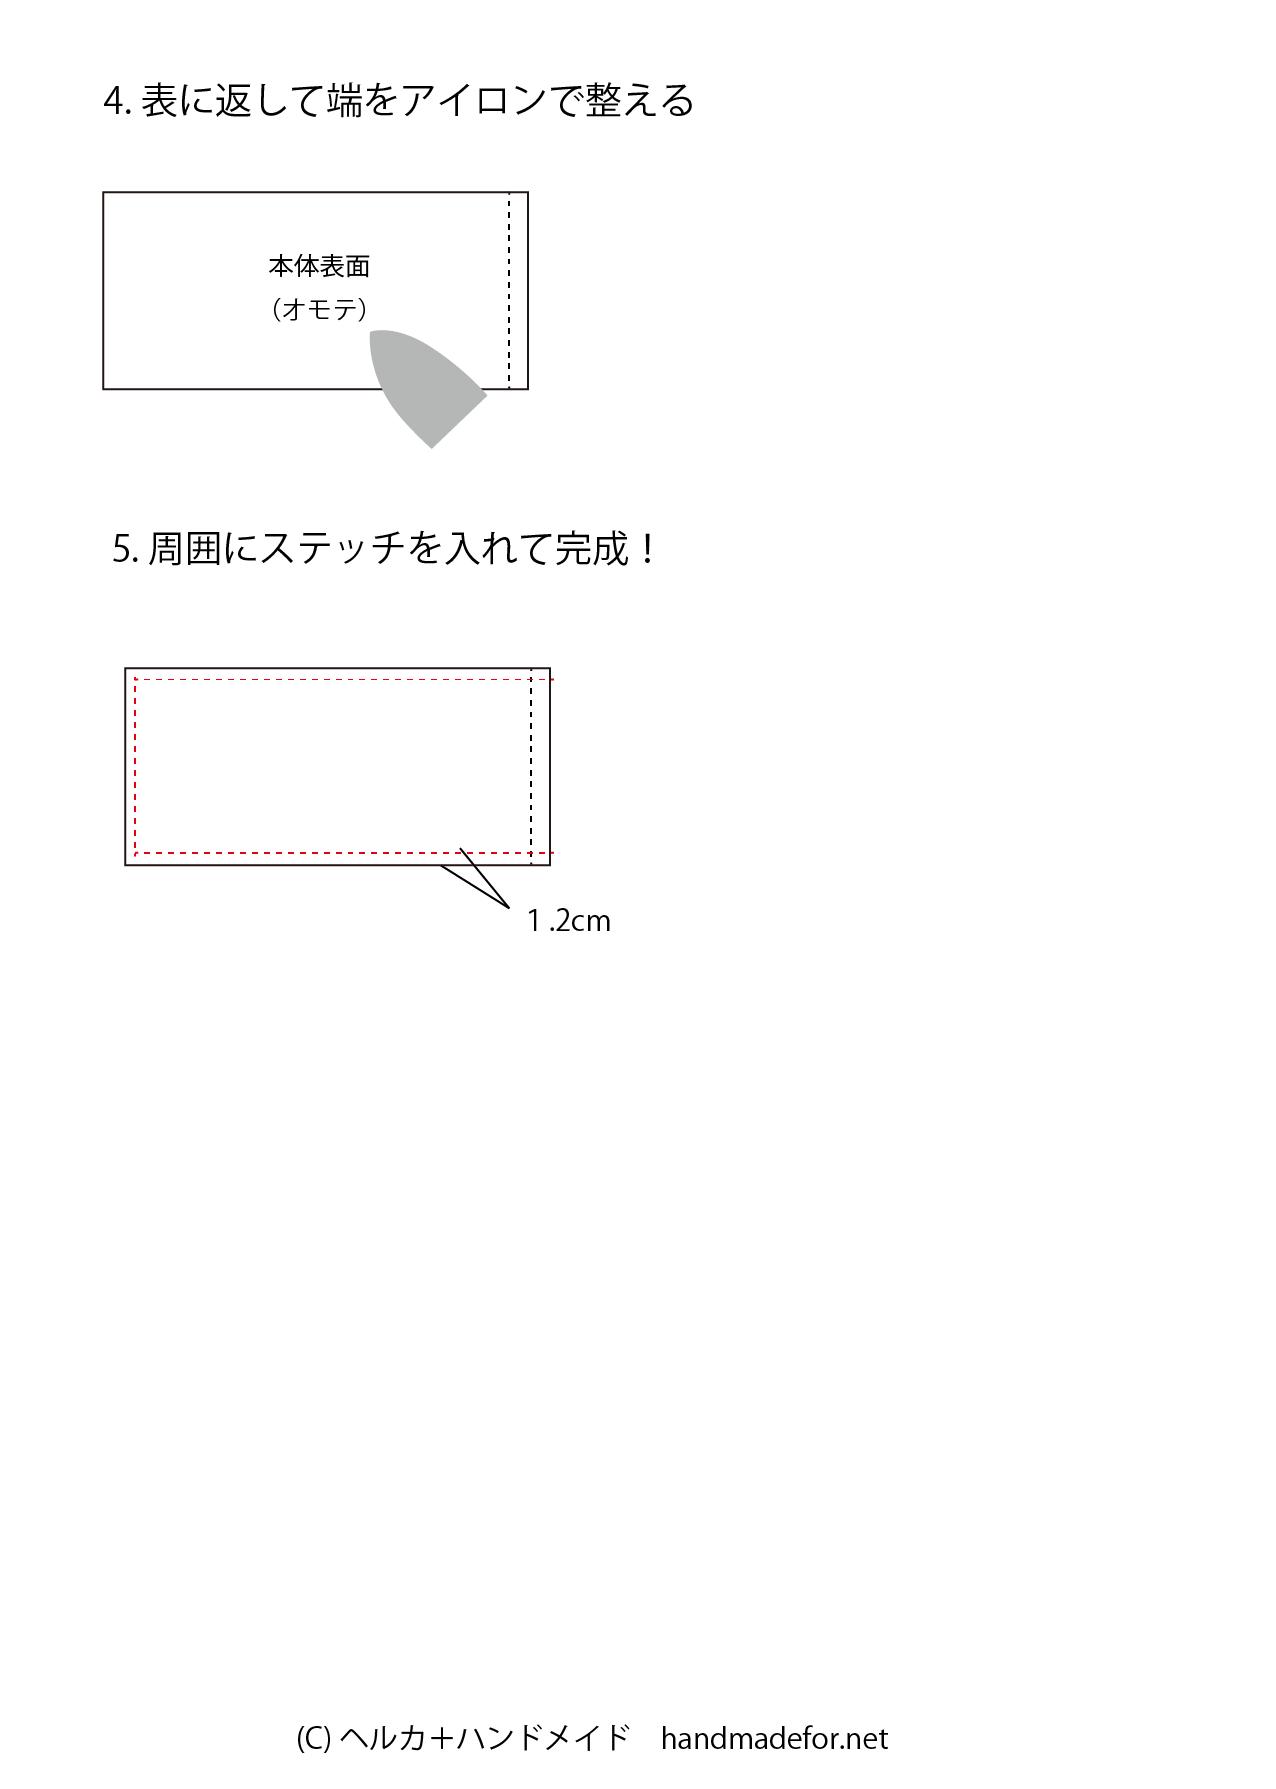 枕カバー作り方02